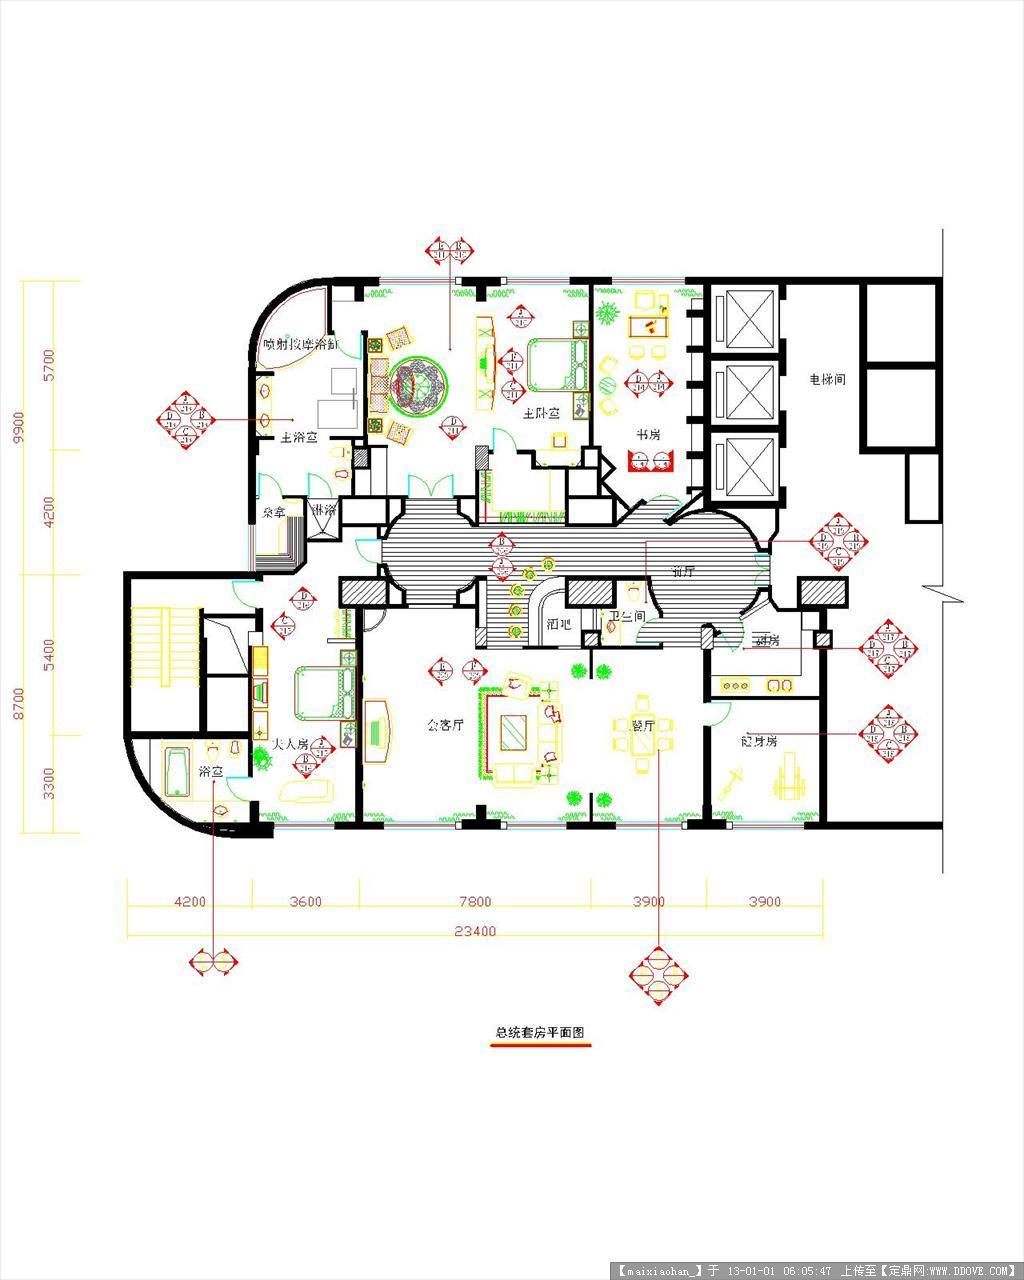 新式套房设计平面图图片展示;